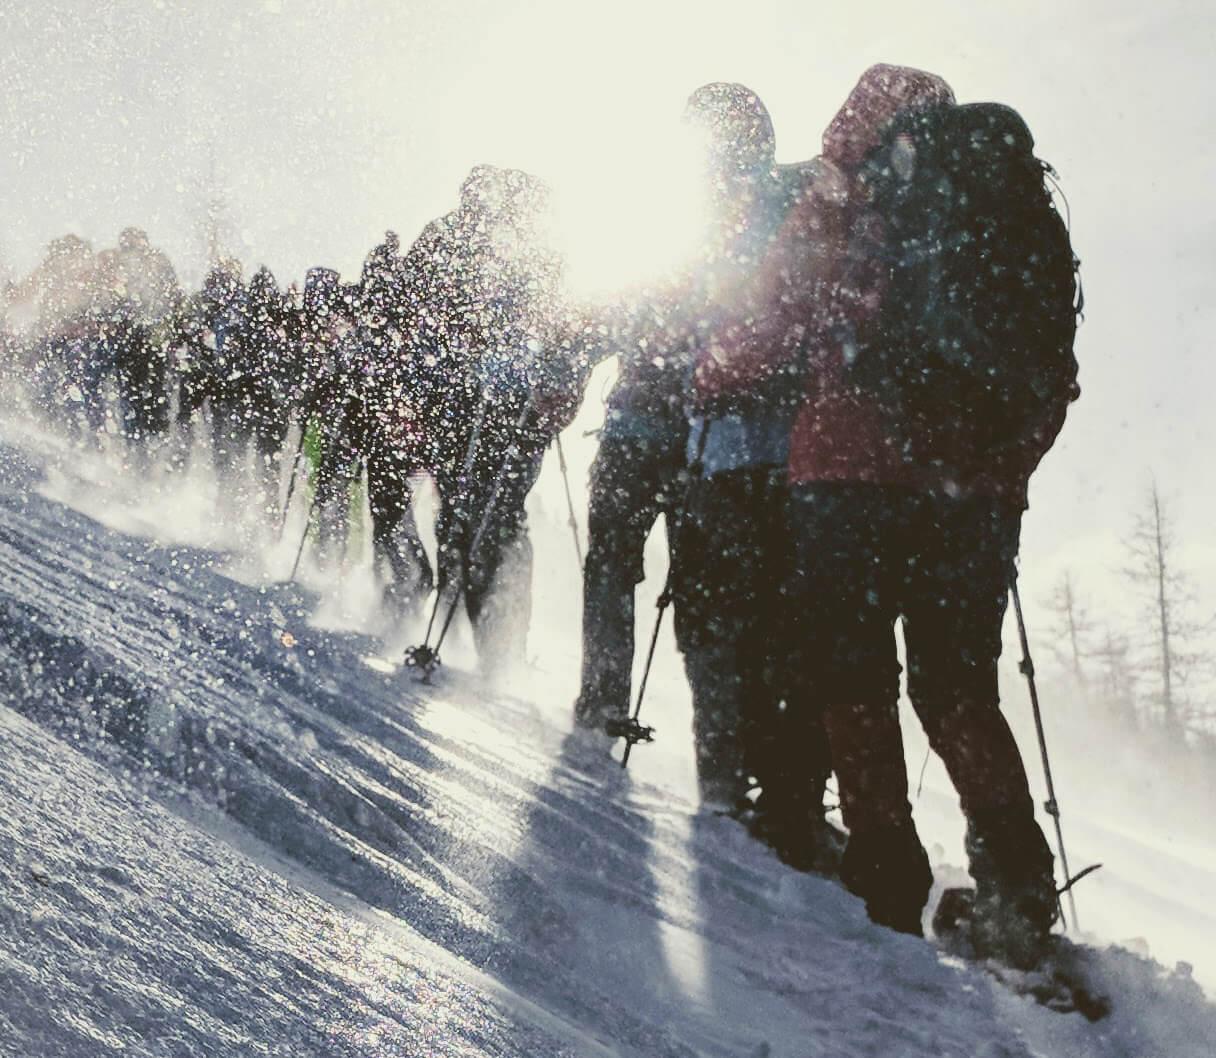 Schneeschuhwandergruppe unterwegs im Neuschnee